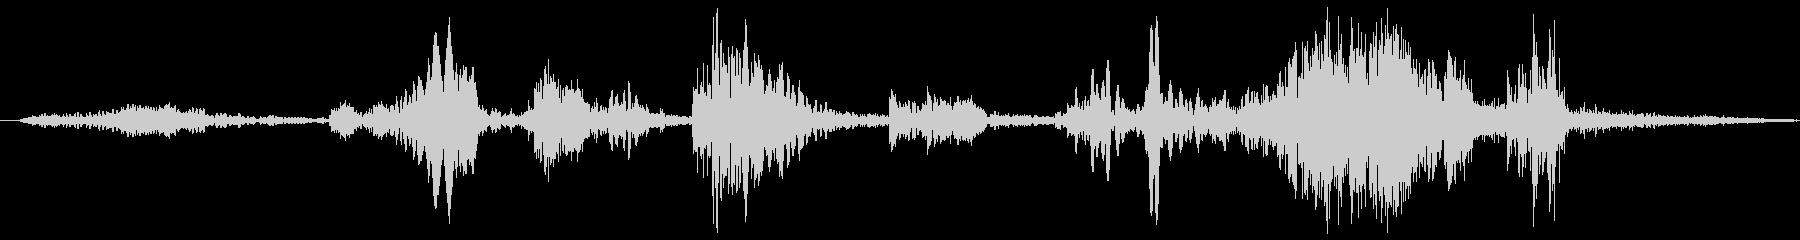 クイックワイプビープ音の未再生の波形